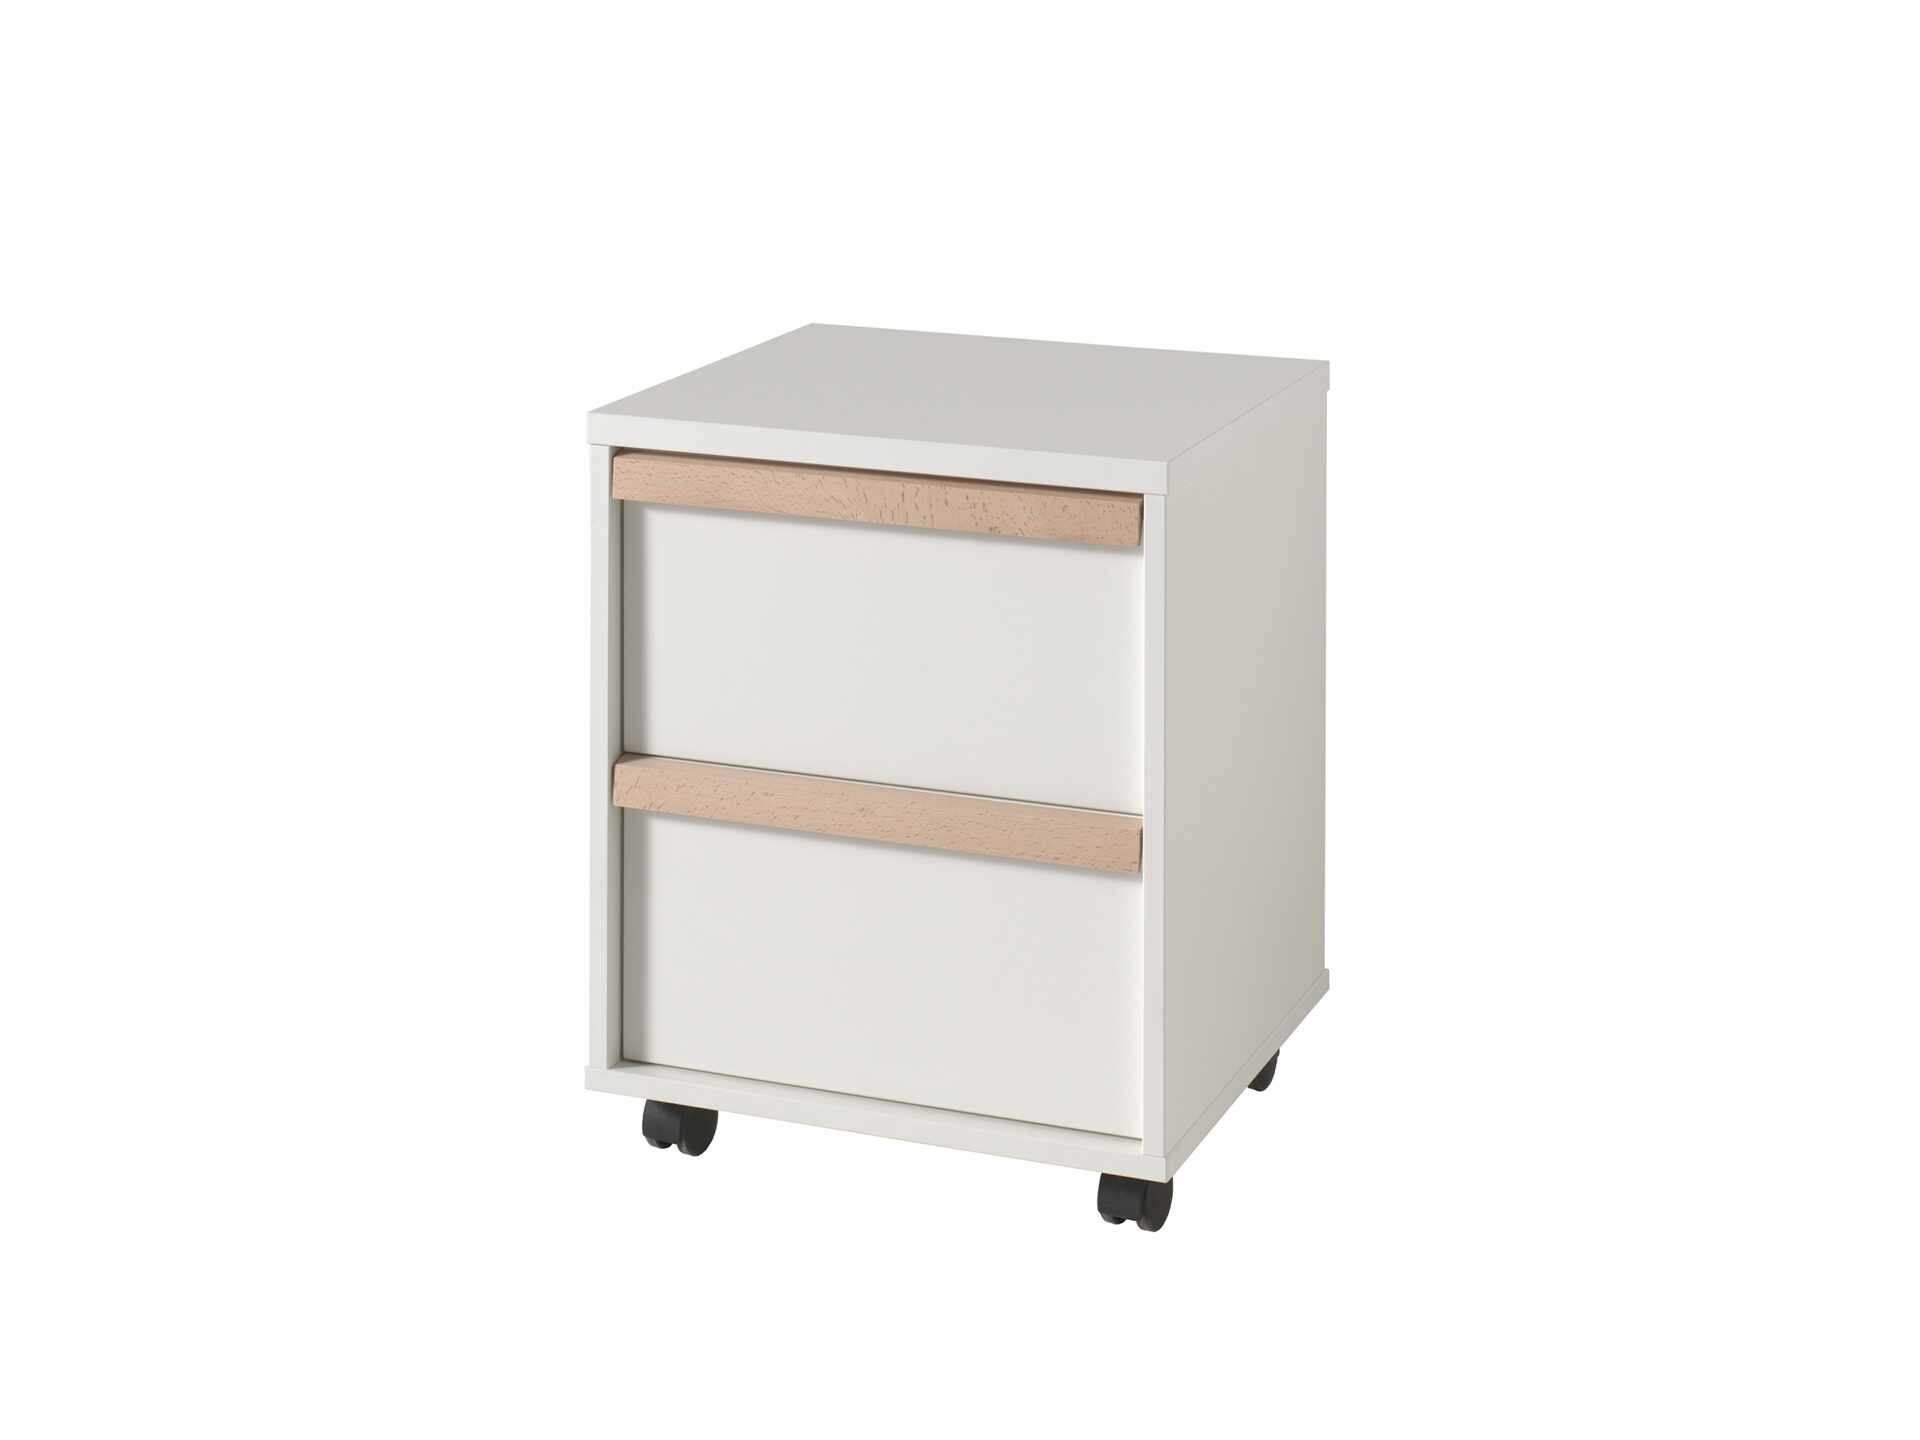 Cabinet din lemn de fag si pal, pe rotile cu 2 sertare pentru copii London Alb / Natural, l48,1xA44xH60 cm la pret 926 lei